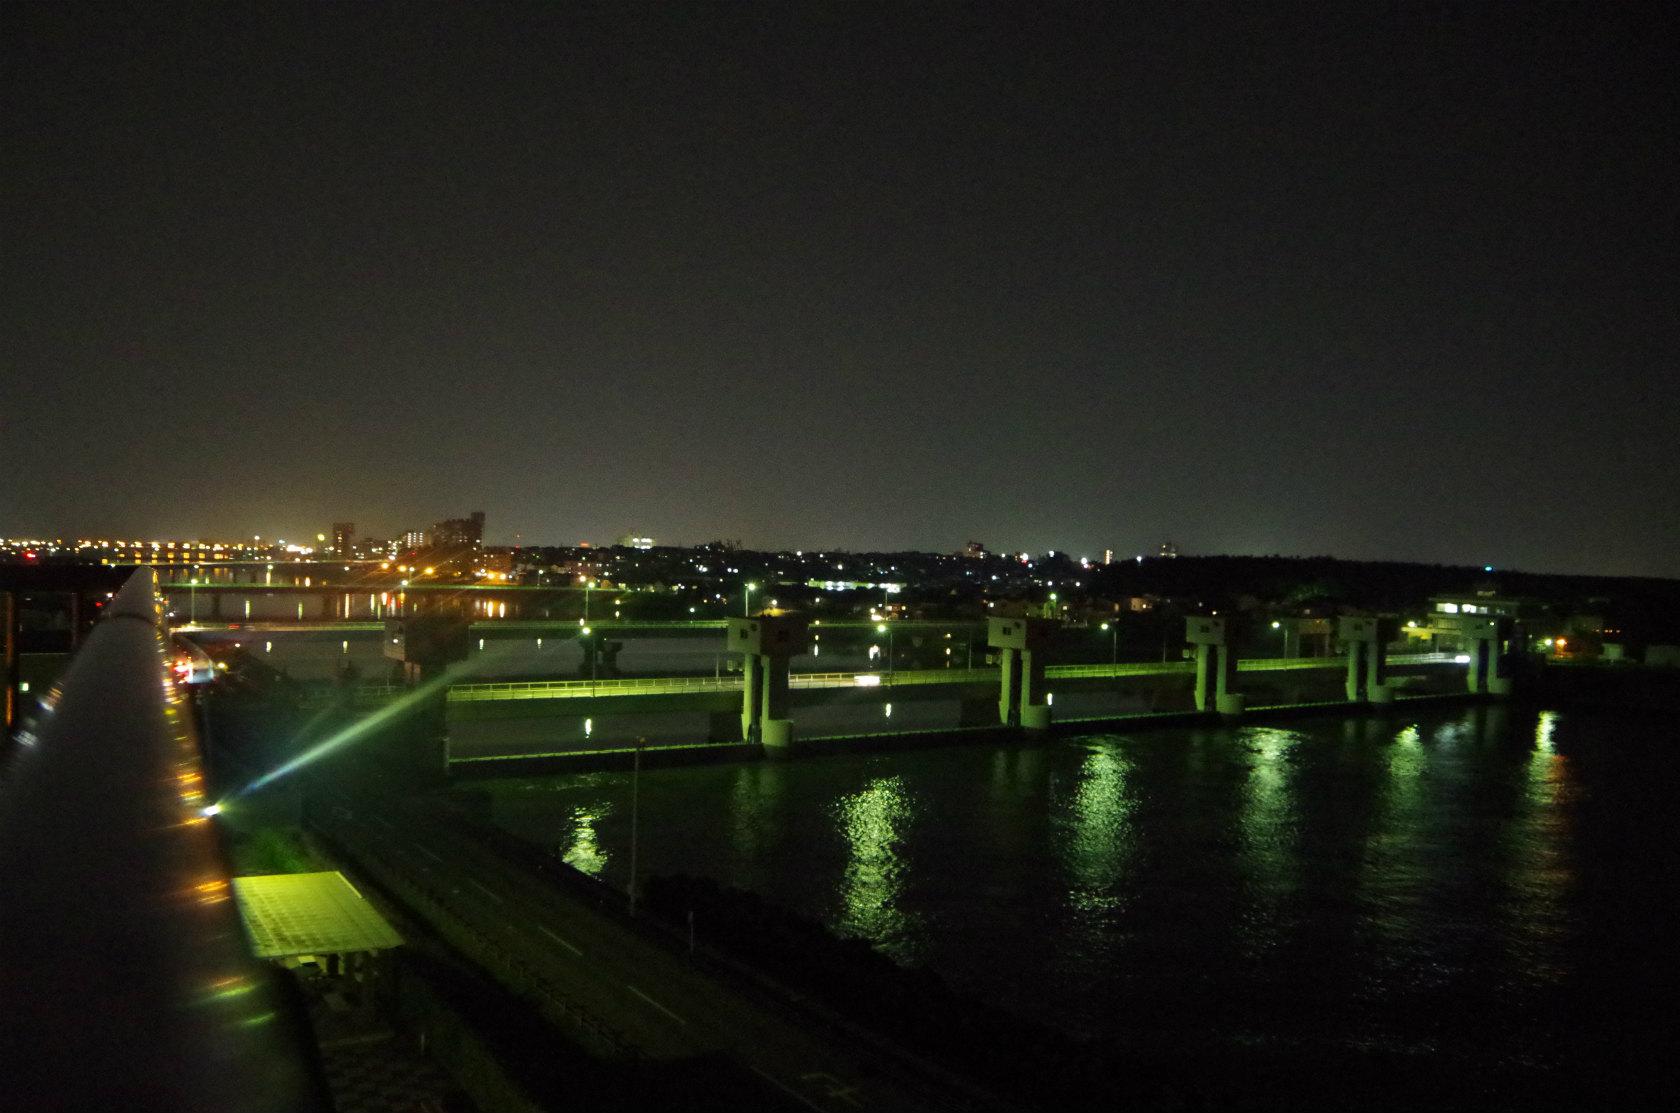 新潟市の隠れた夜景スポット!夜の関分記念公園の展望台からこんな夜景が!